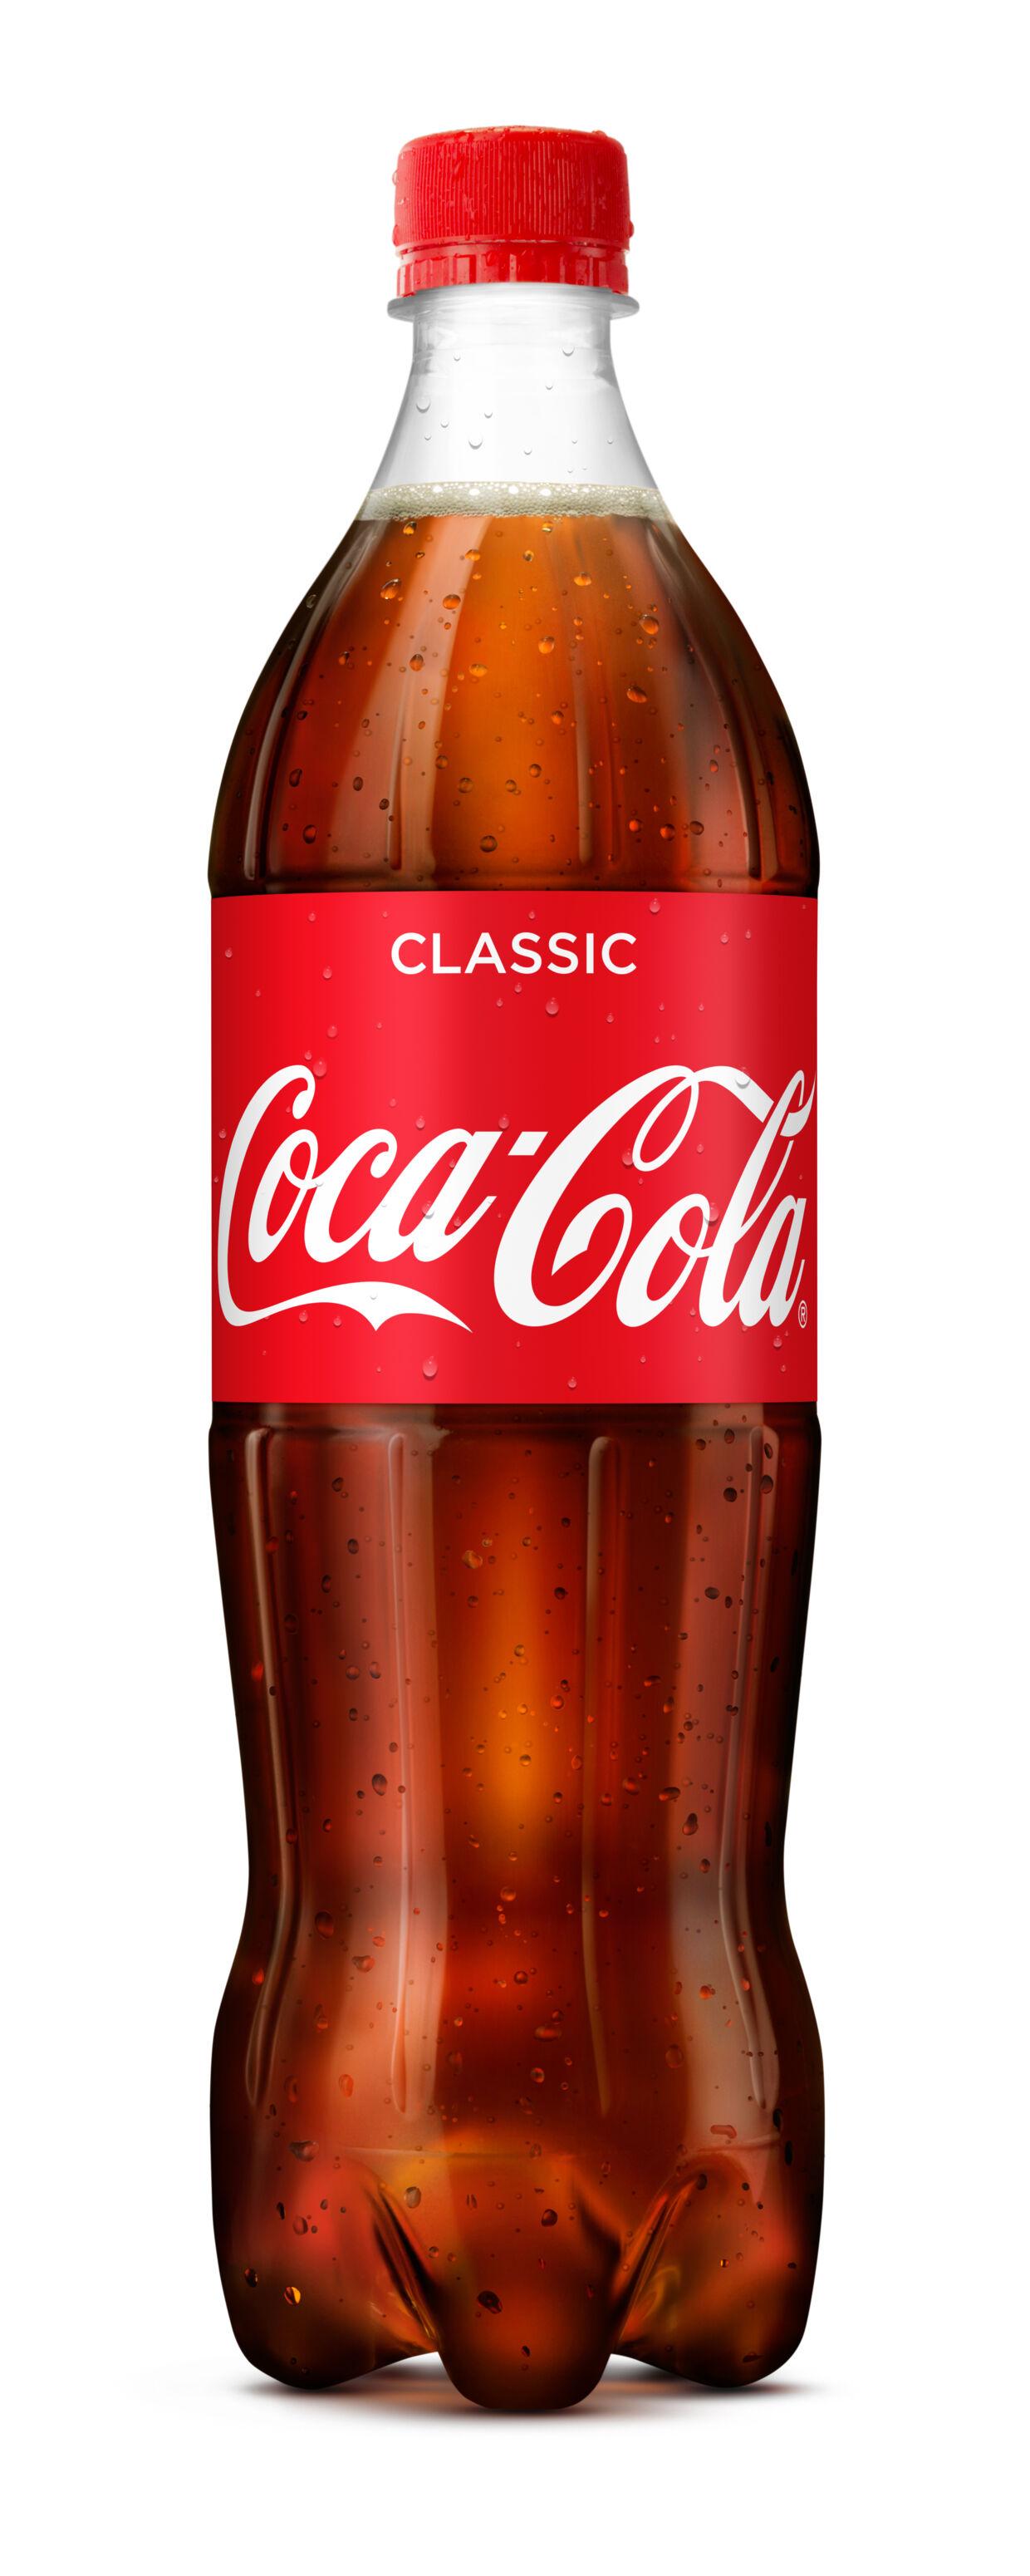 Coca Cola ændrer sine ikoniske flasker i Danmark - og lancerer en helt ny størrelse | BT Danmark ...